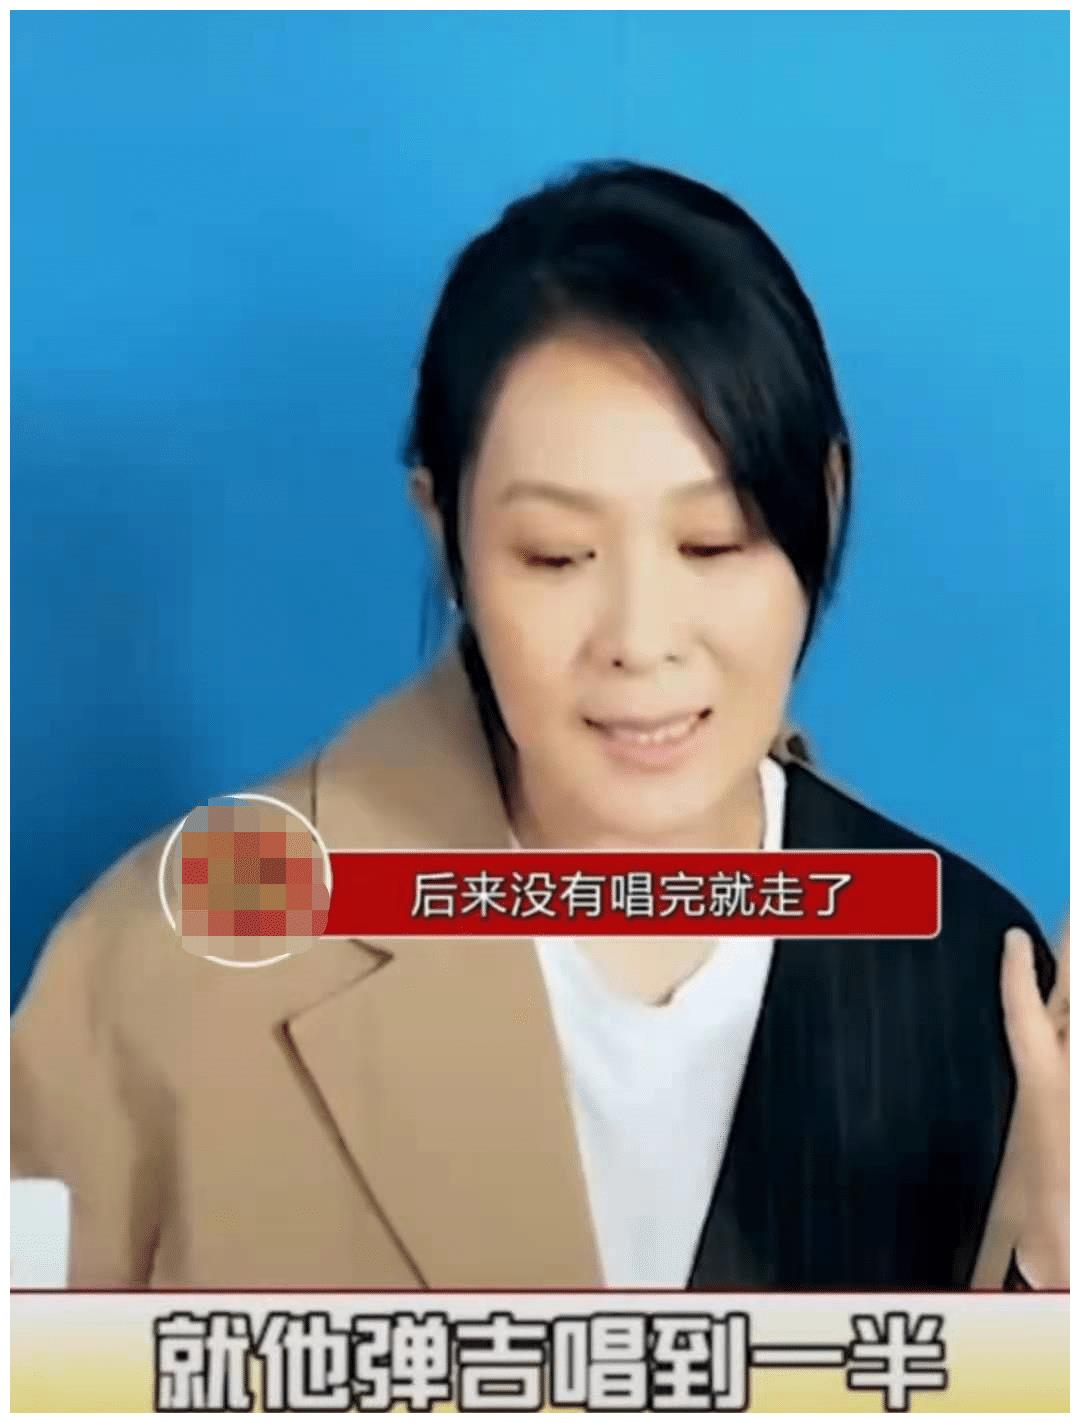 刘若英直呼心疼王源,还可以感受他的压力,却称自己没有他红?